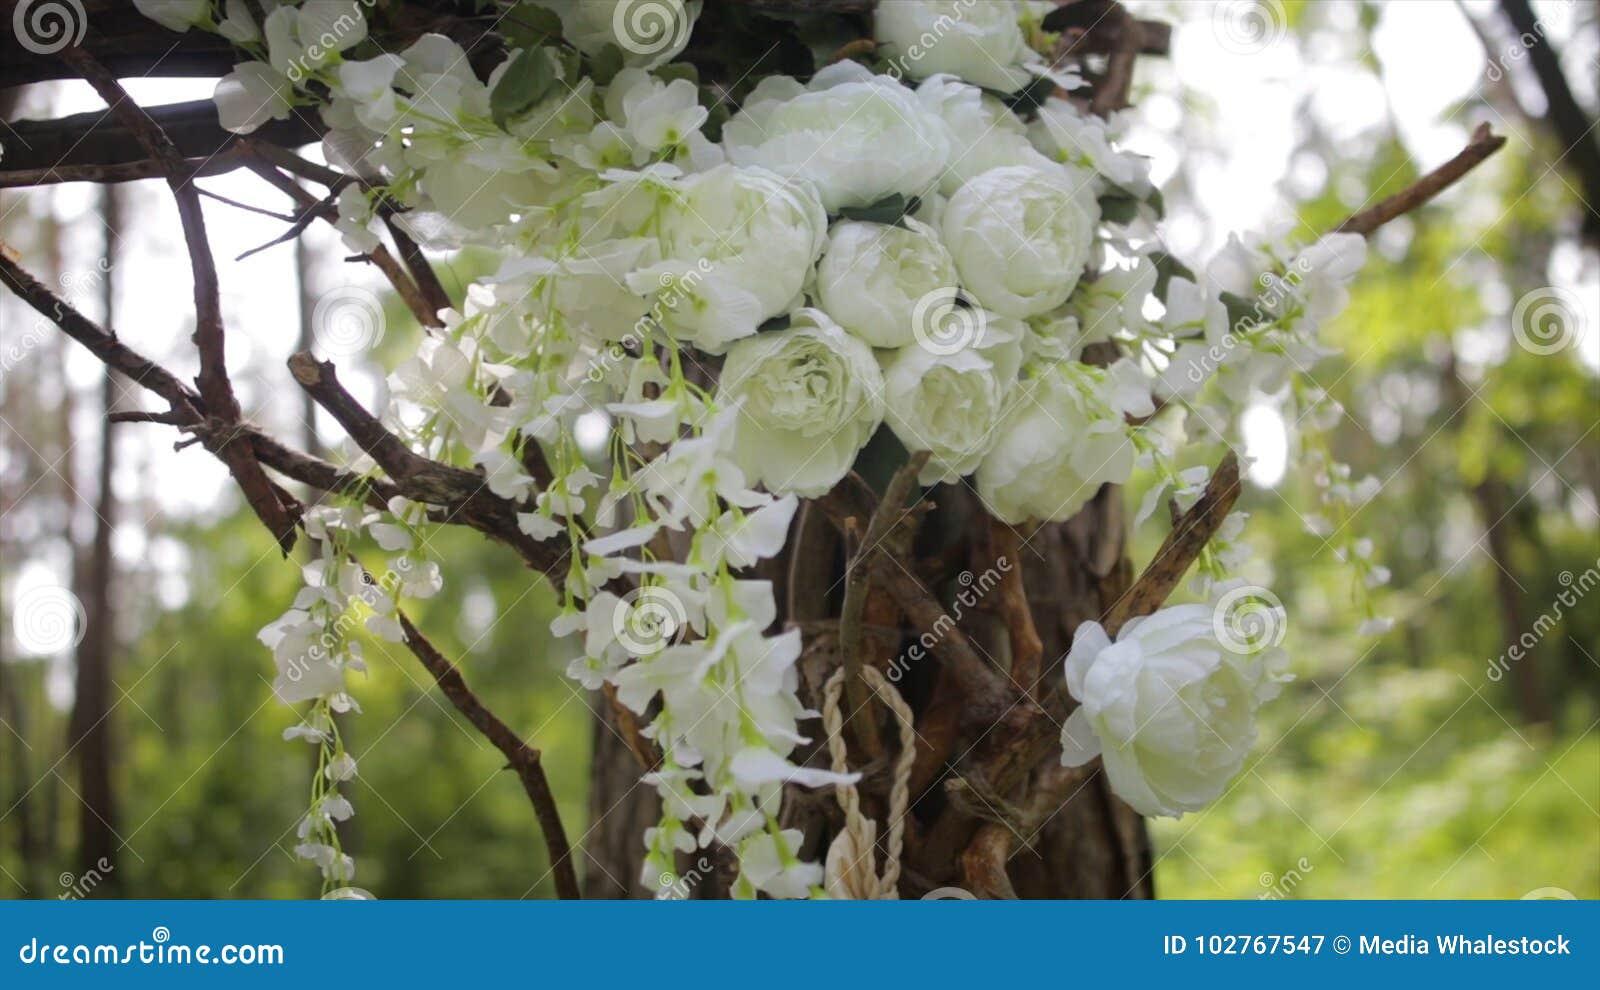 Lovely White Bush Roses Ornamental White Flowers On Bright Sun